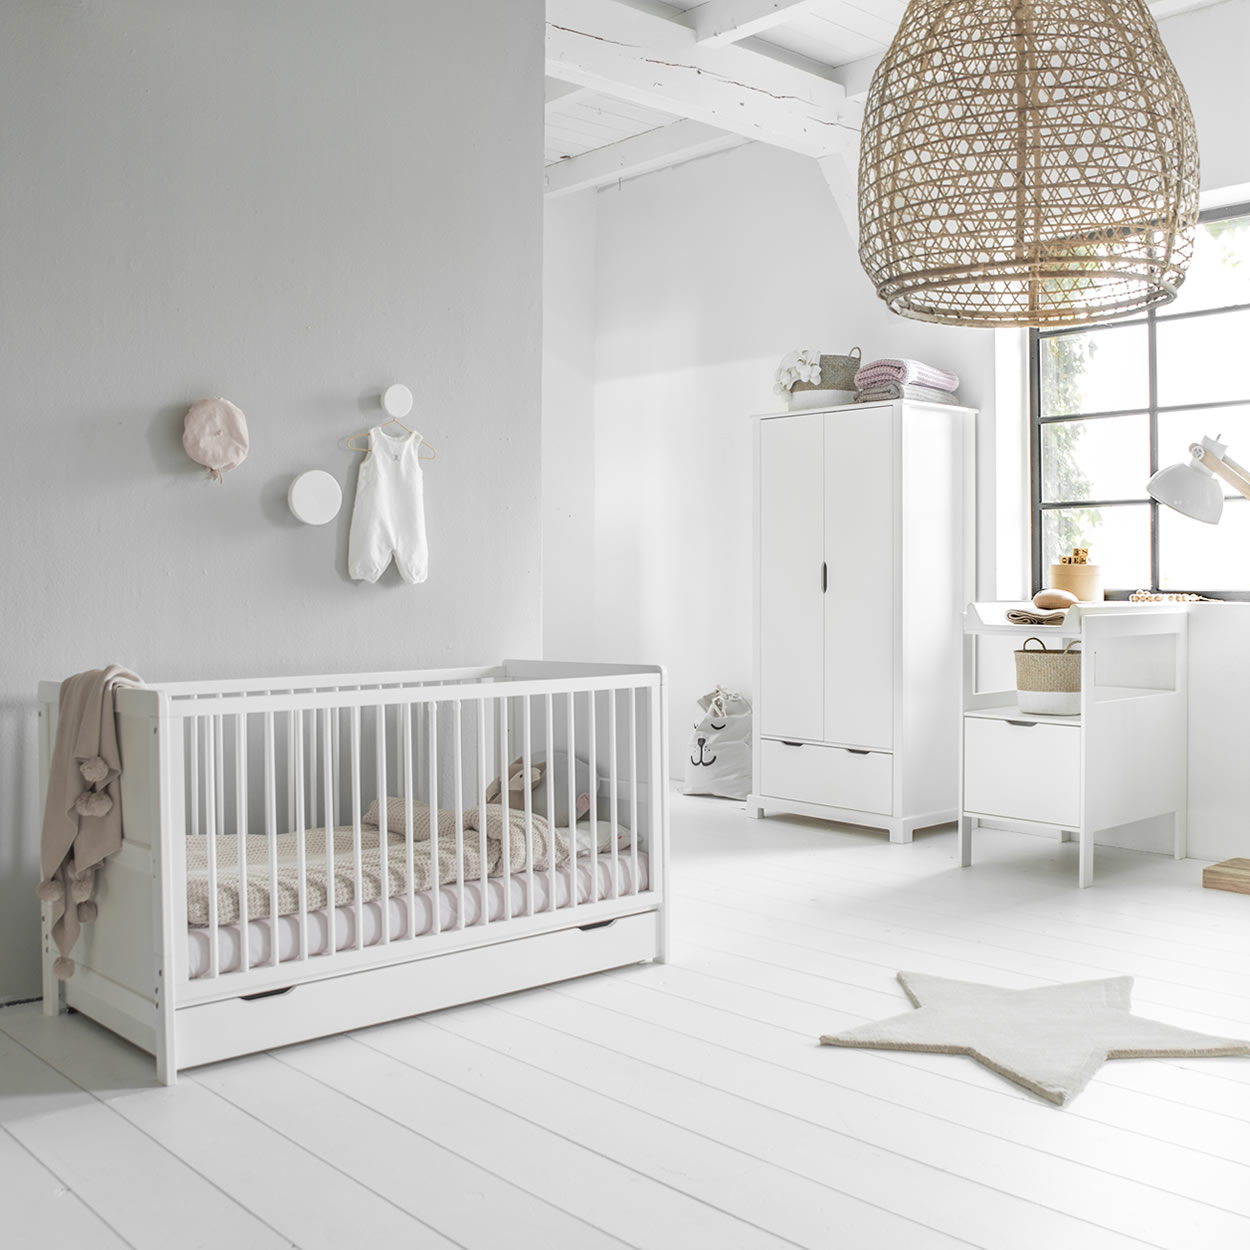 Babykamer vintage Petite Amelie